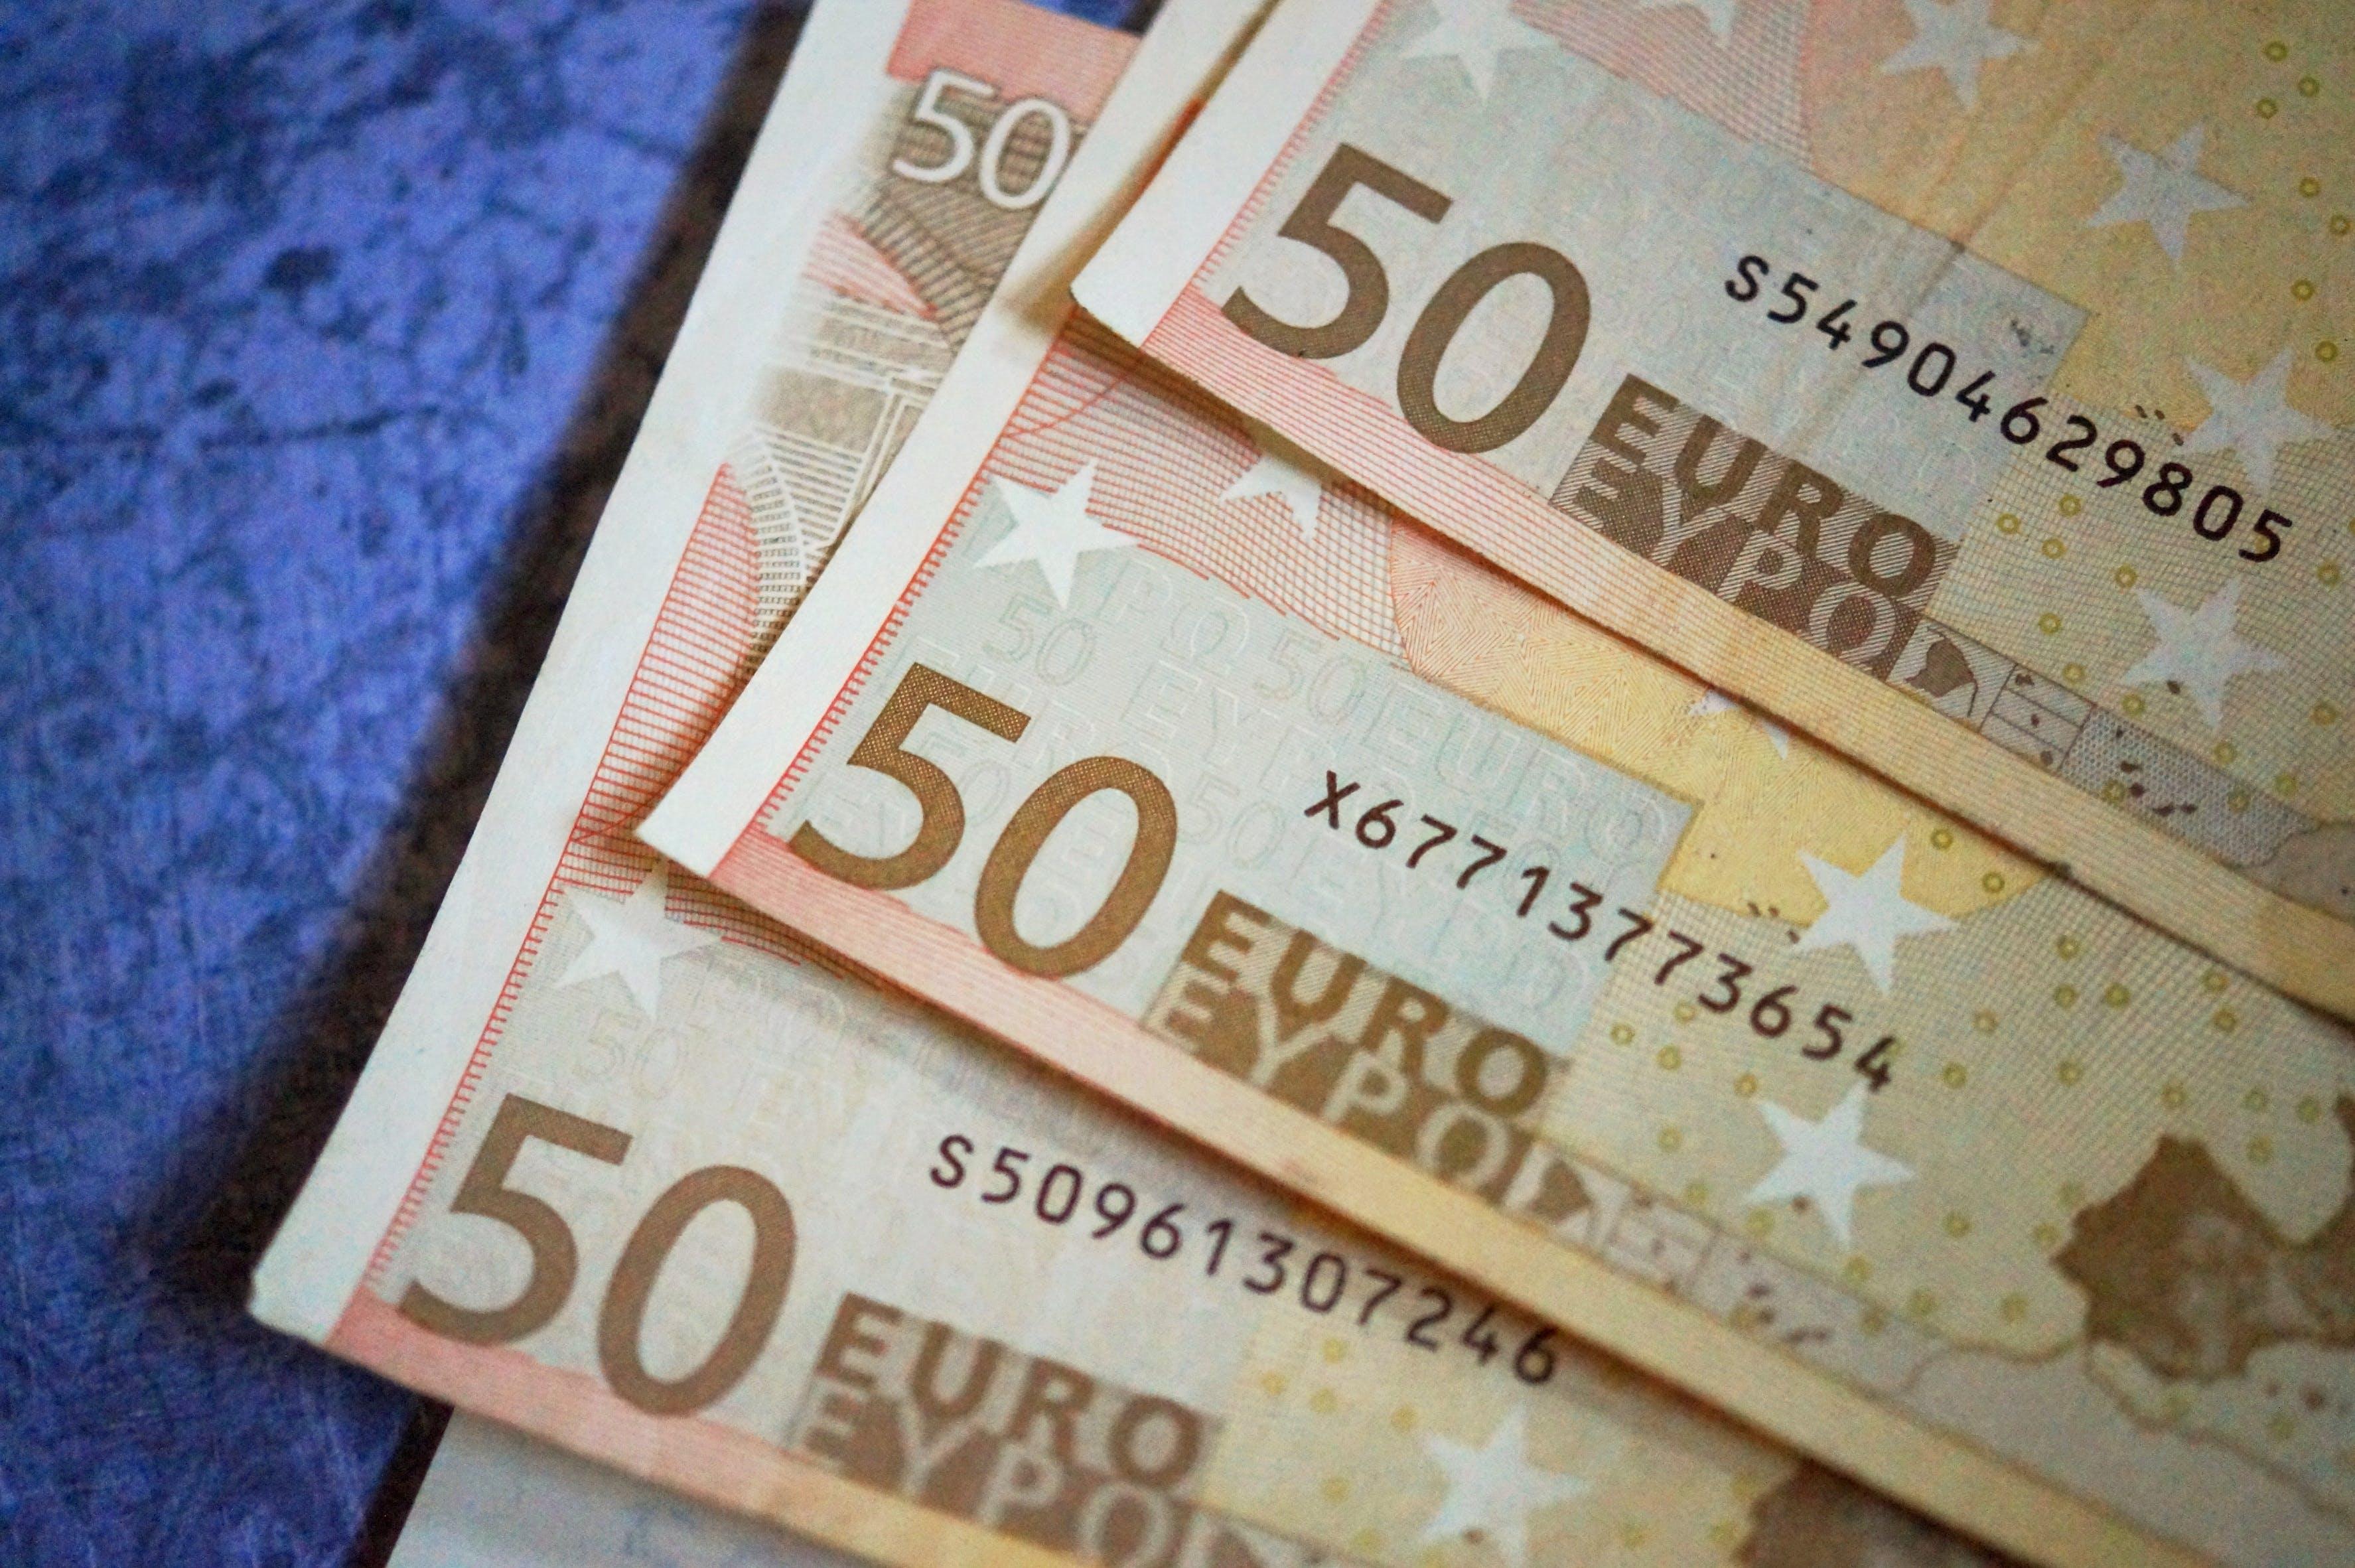 50, banka, bohatství